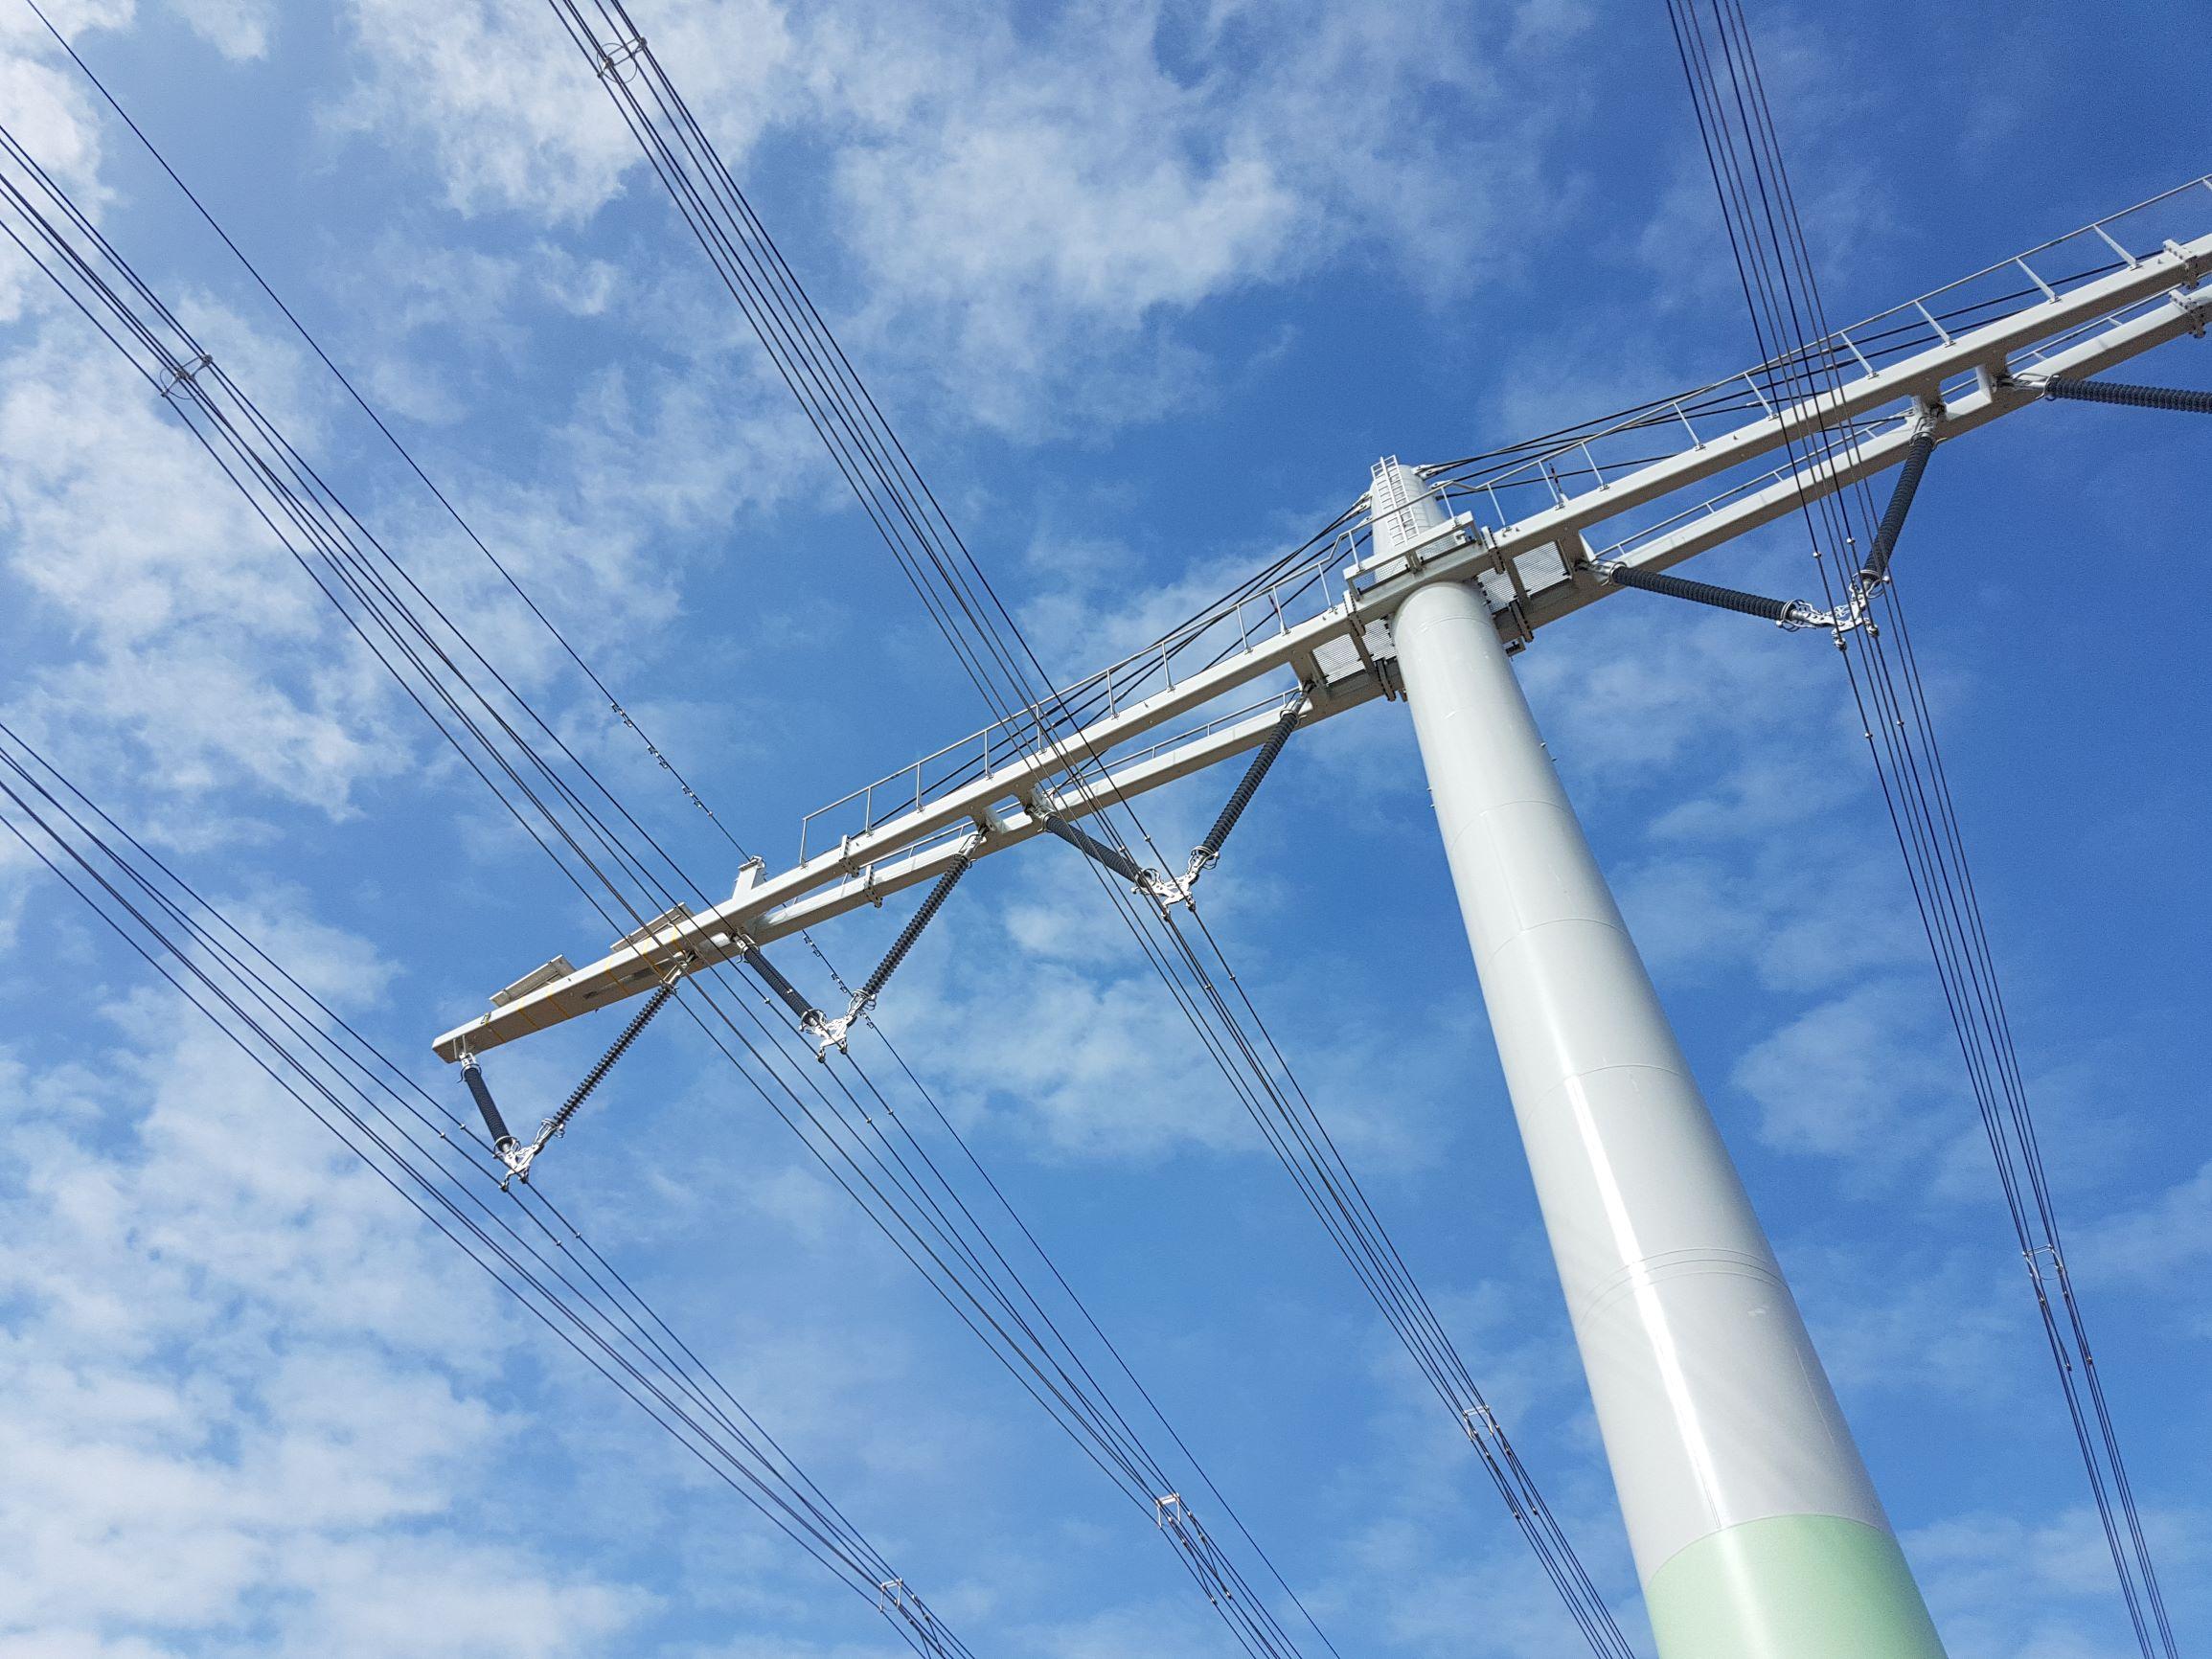 Freileitungsbau-Hochspannung-Höchstspannung-Energieleitung-Trassen-Bildnachweis-SPIE